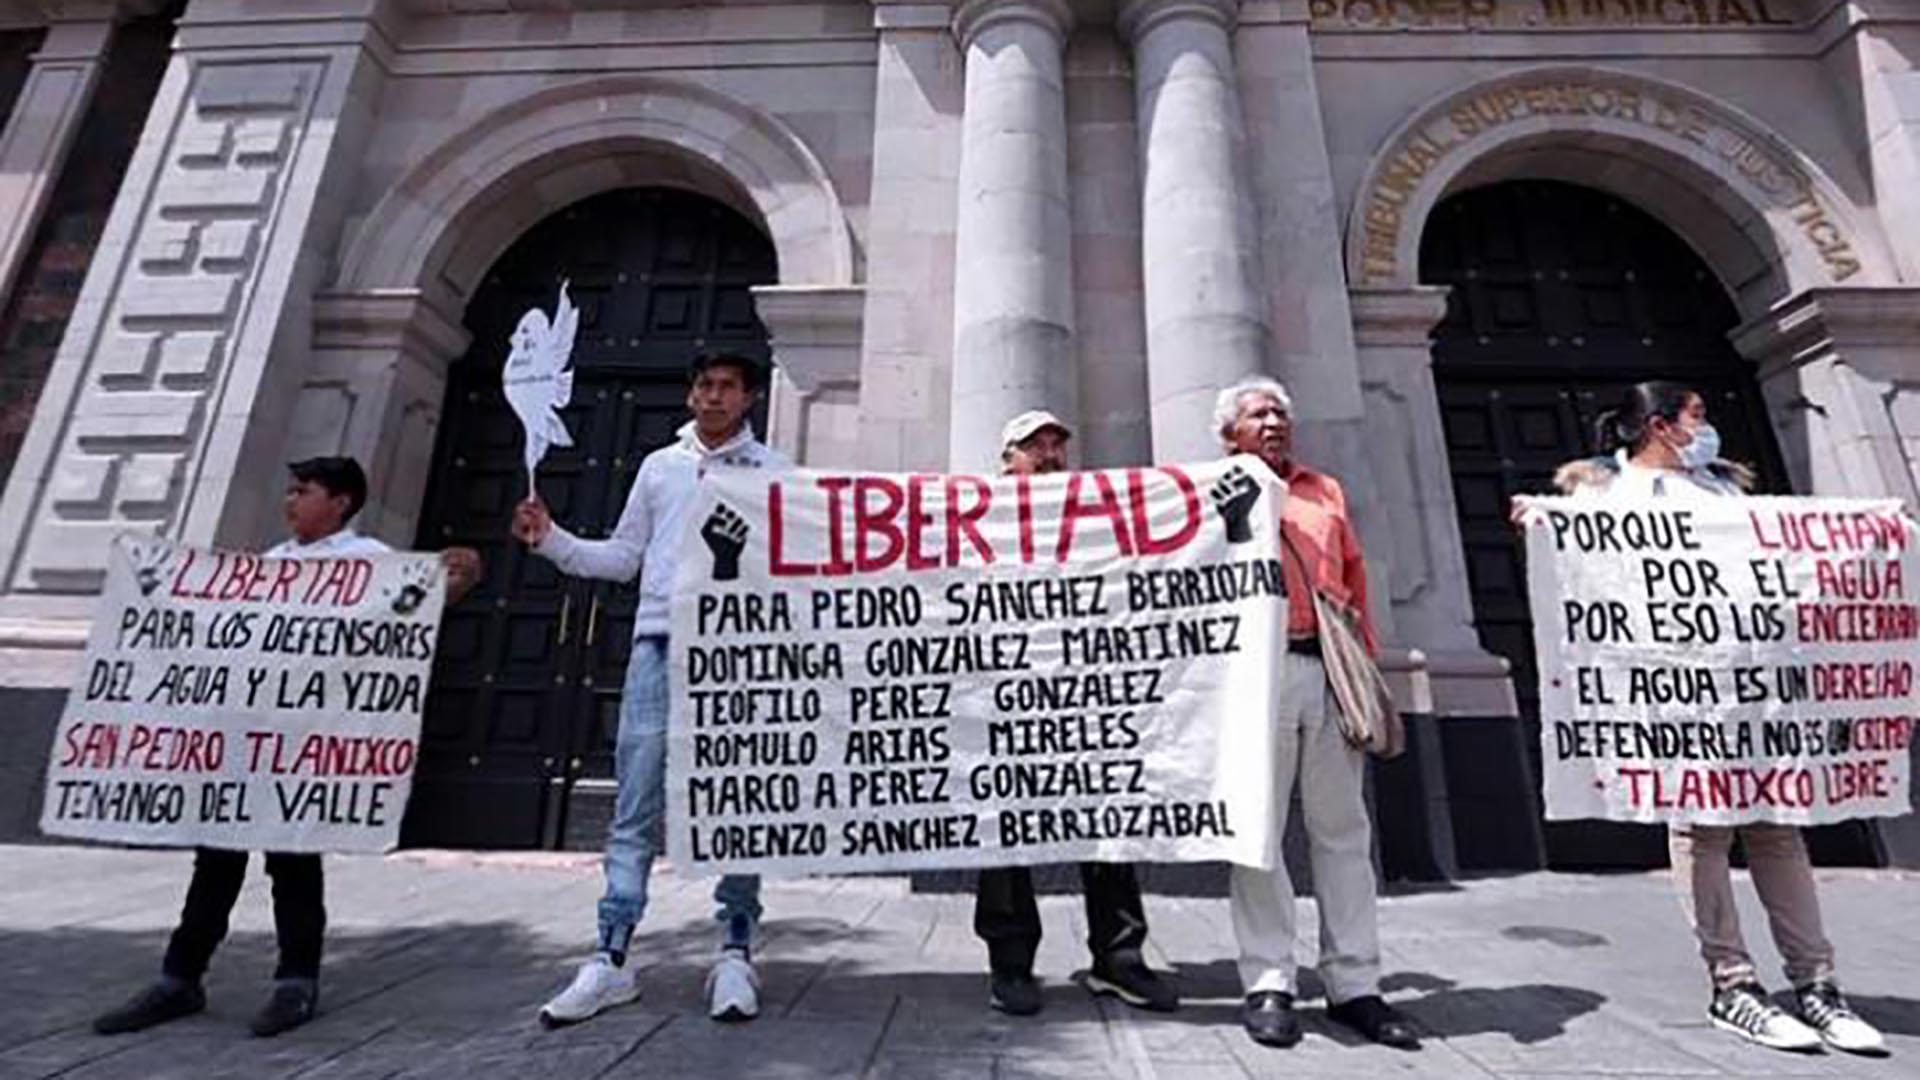 La demanda de libertad para presos de conciencia, la mayoría indígenas que defienden sus recursos y territorio. (Foto: Cuartoscuro)